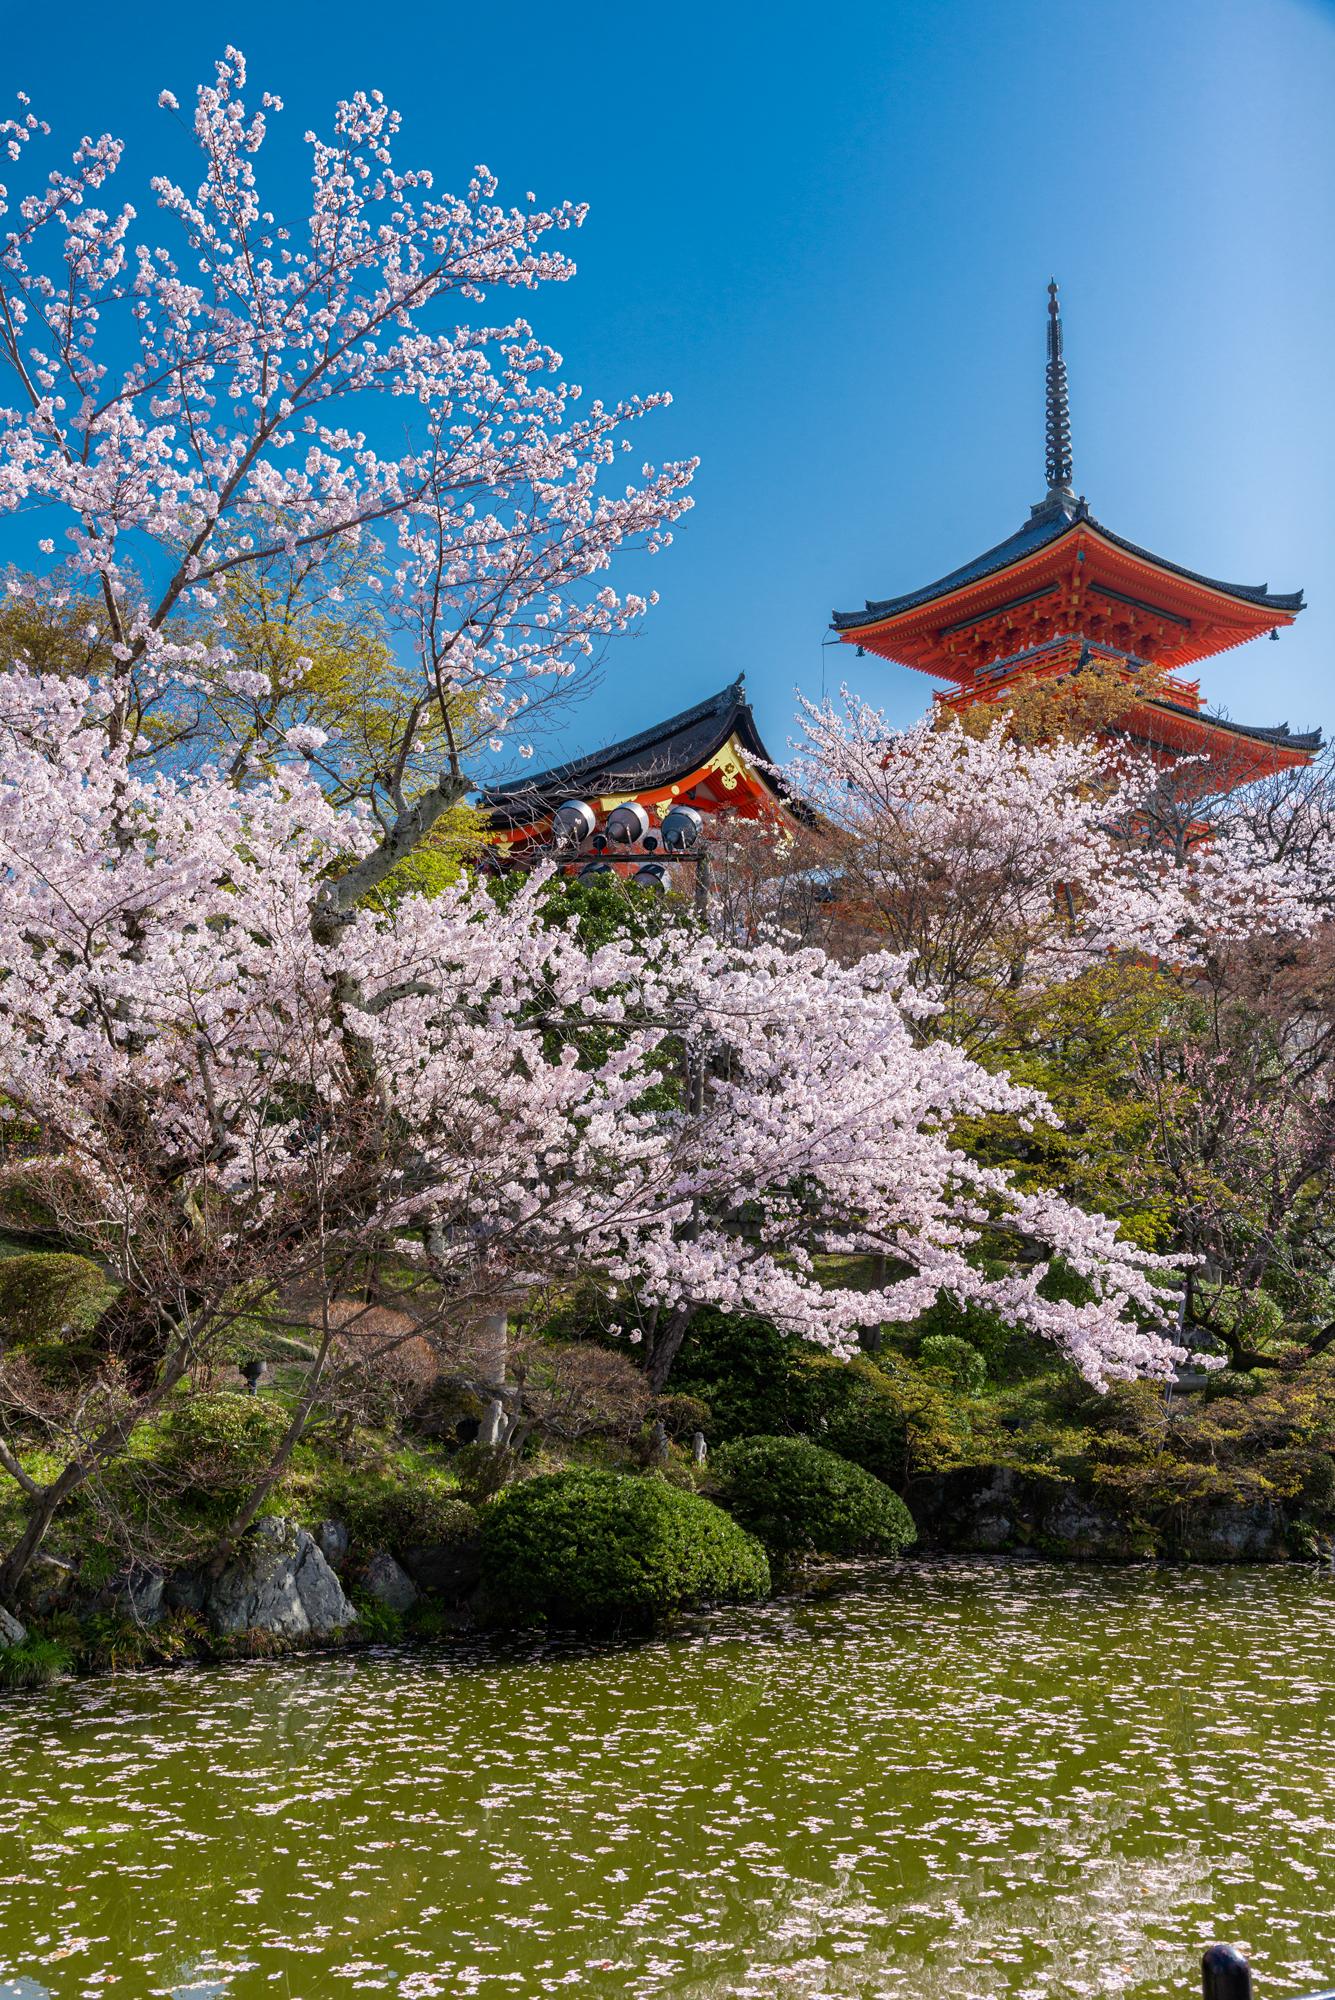 NIKON-CORPORATION_NIKON-D800E_1599244146-1599342657_14031 京都府 清水寺(2020年 清水寺の桜景色と春におすすめの写真スポット. 見どころやライトアップ、アクセス、工事状況、桜の見頃情報まとめ)